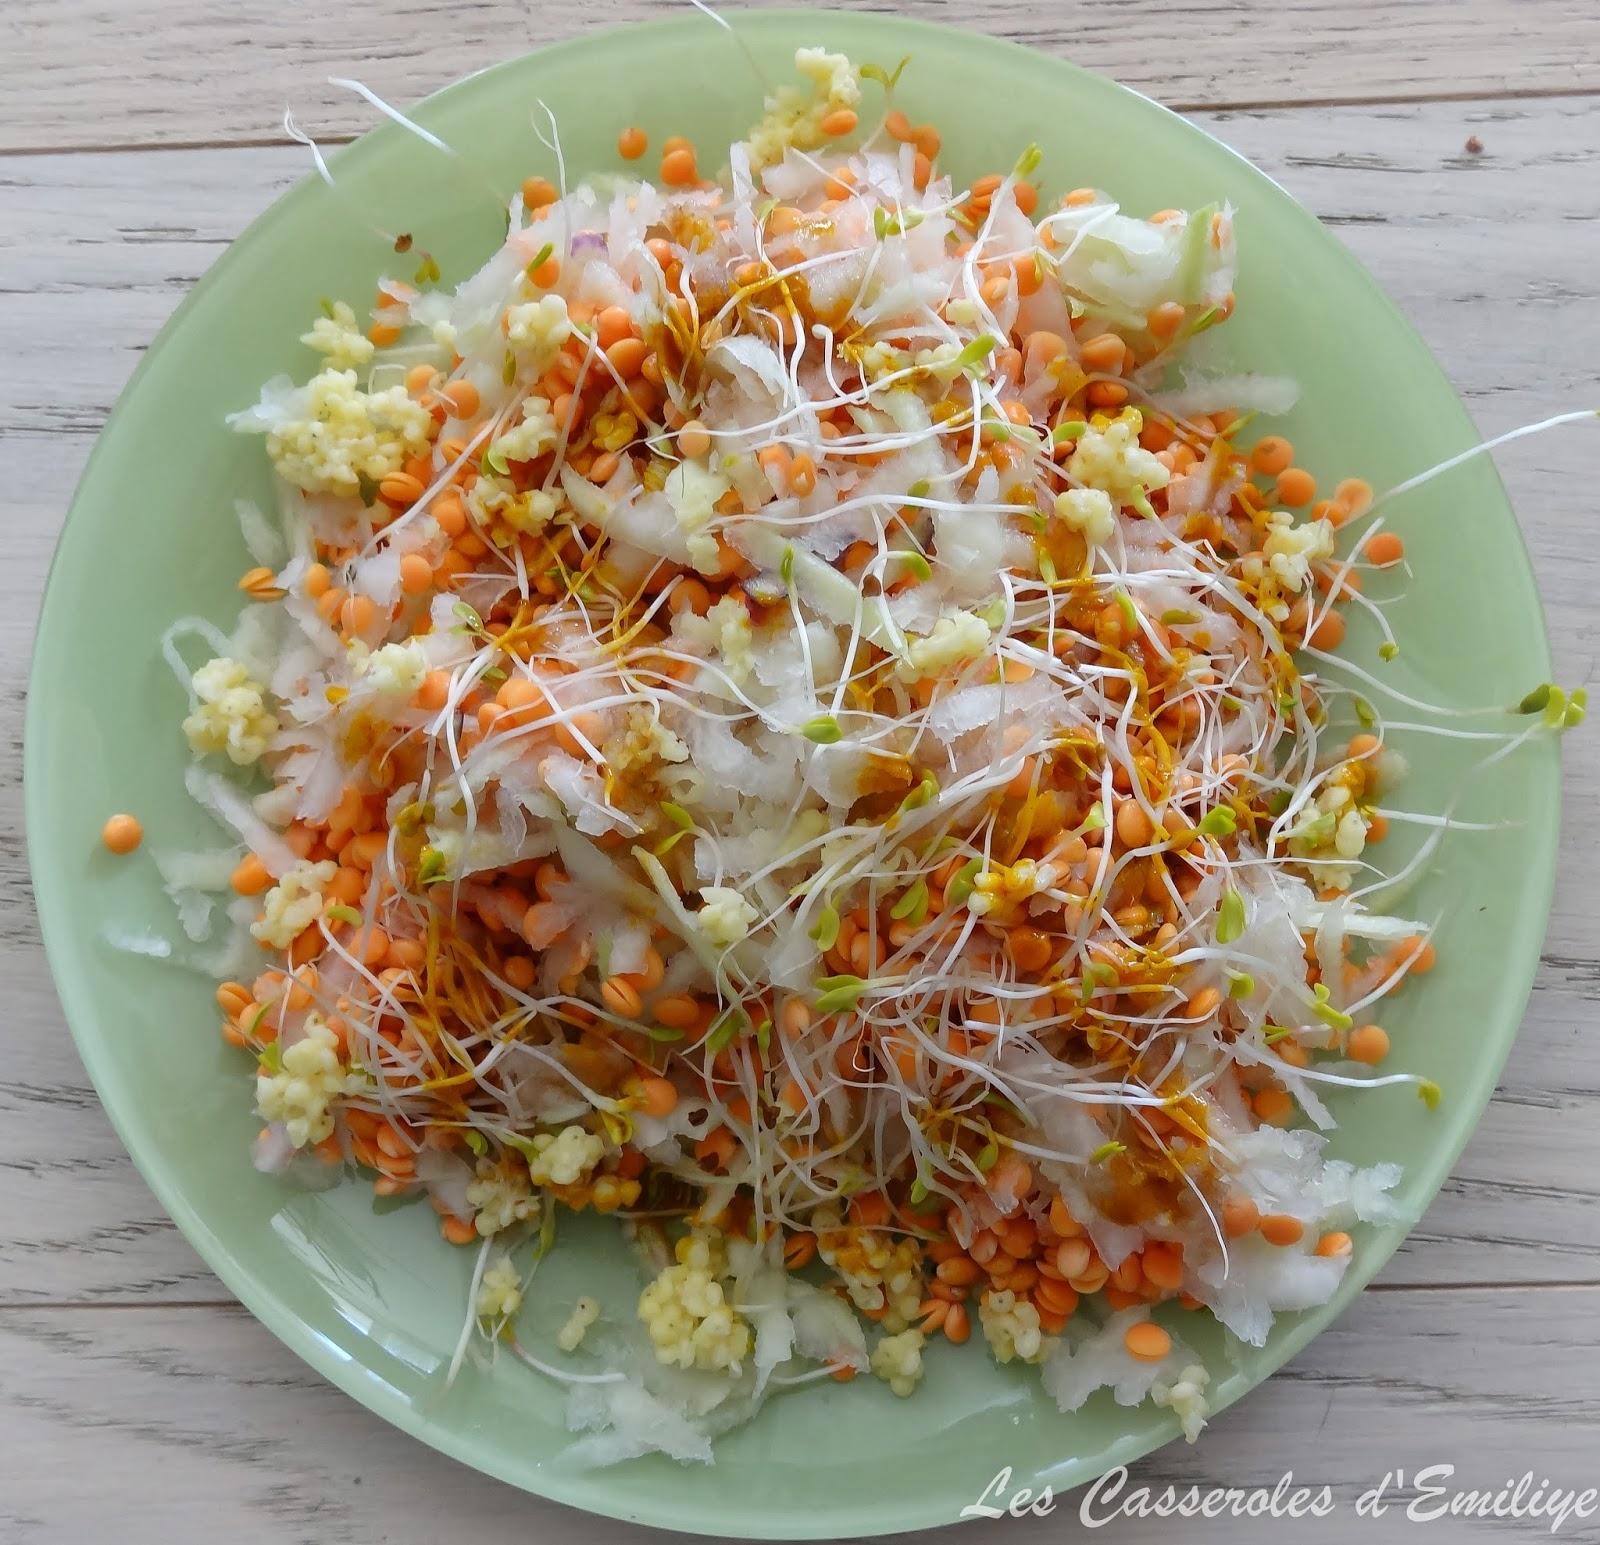 les casseroles d 39 emiliye salade au chou rave millet et lentilles corail crues. Black Bedroom Furniture Sets. Home Design Ideas